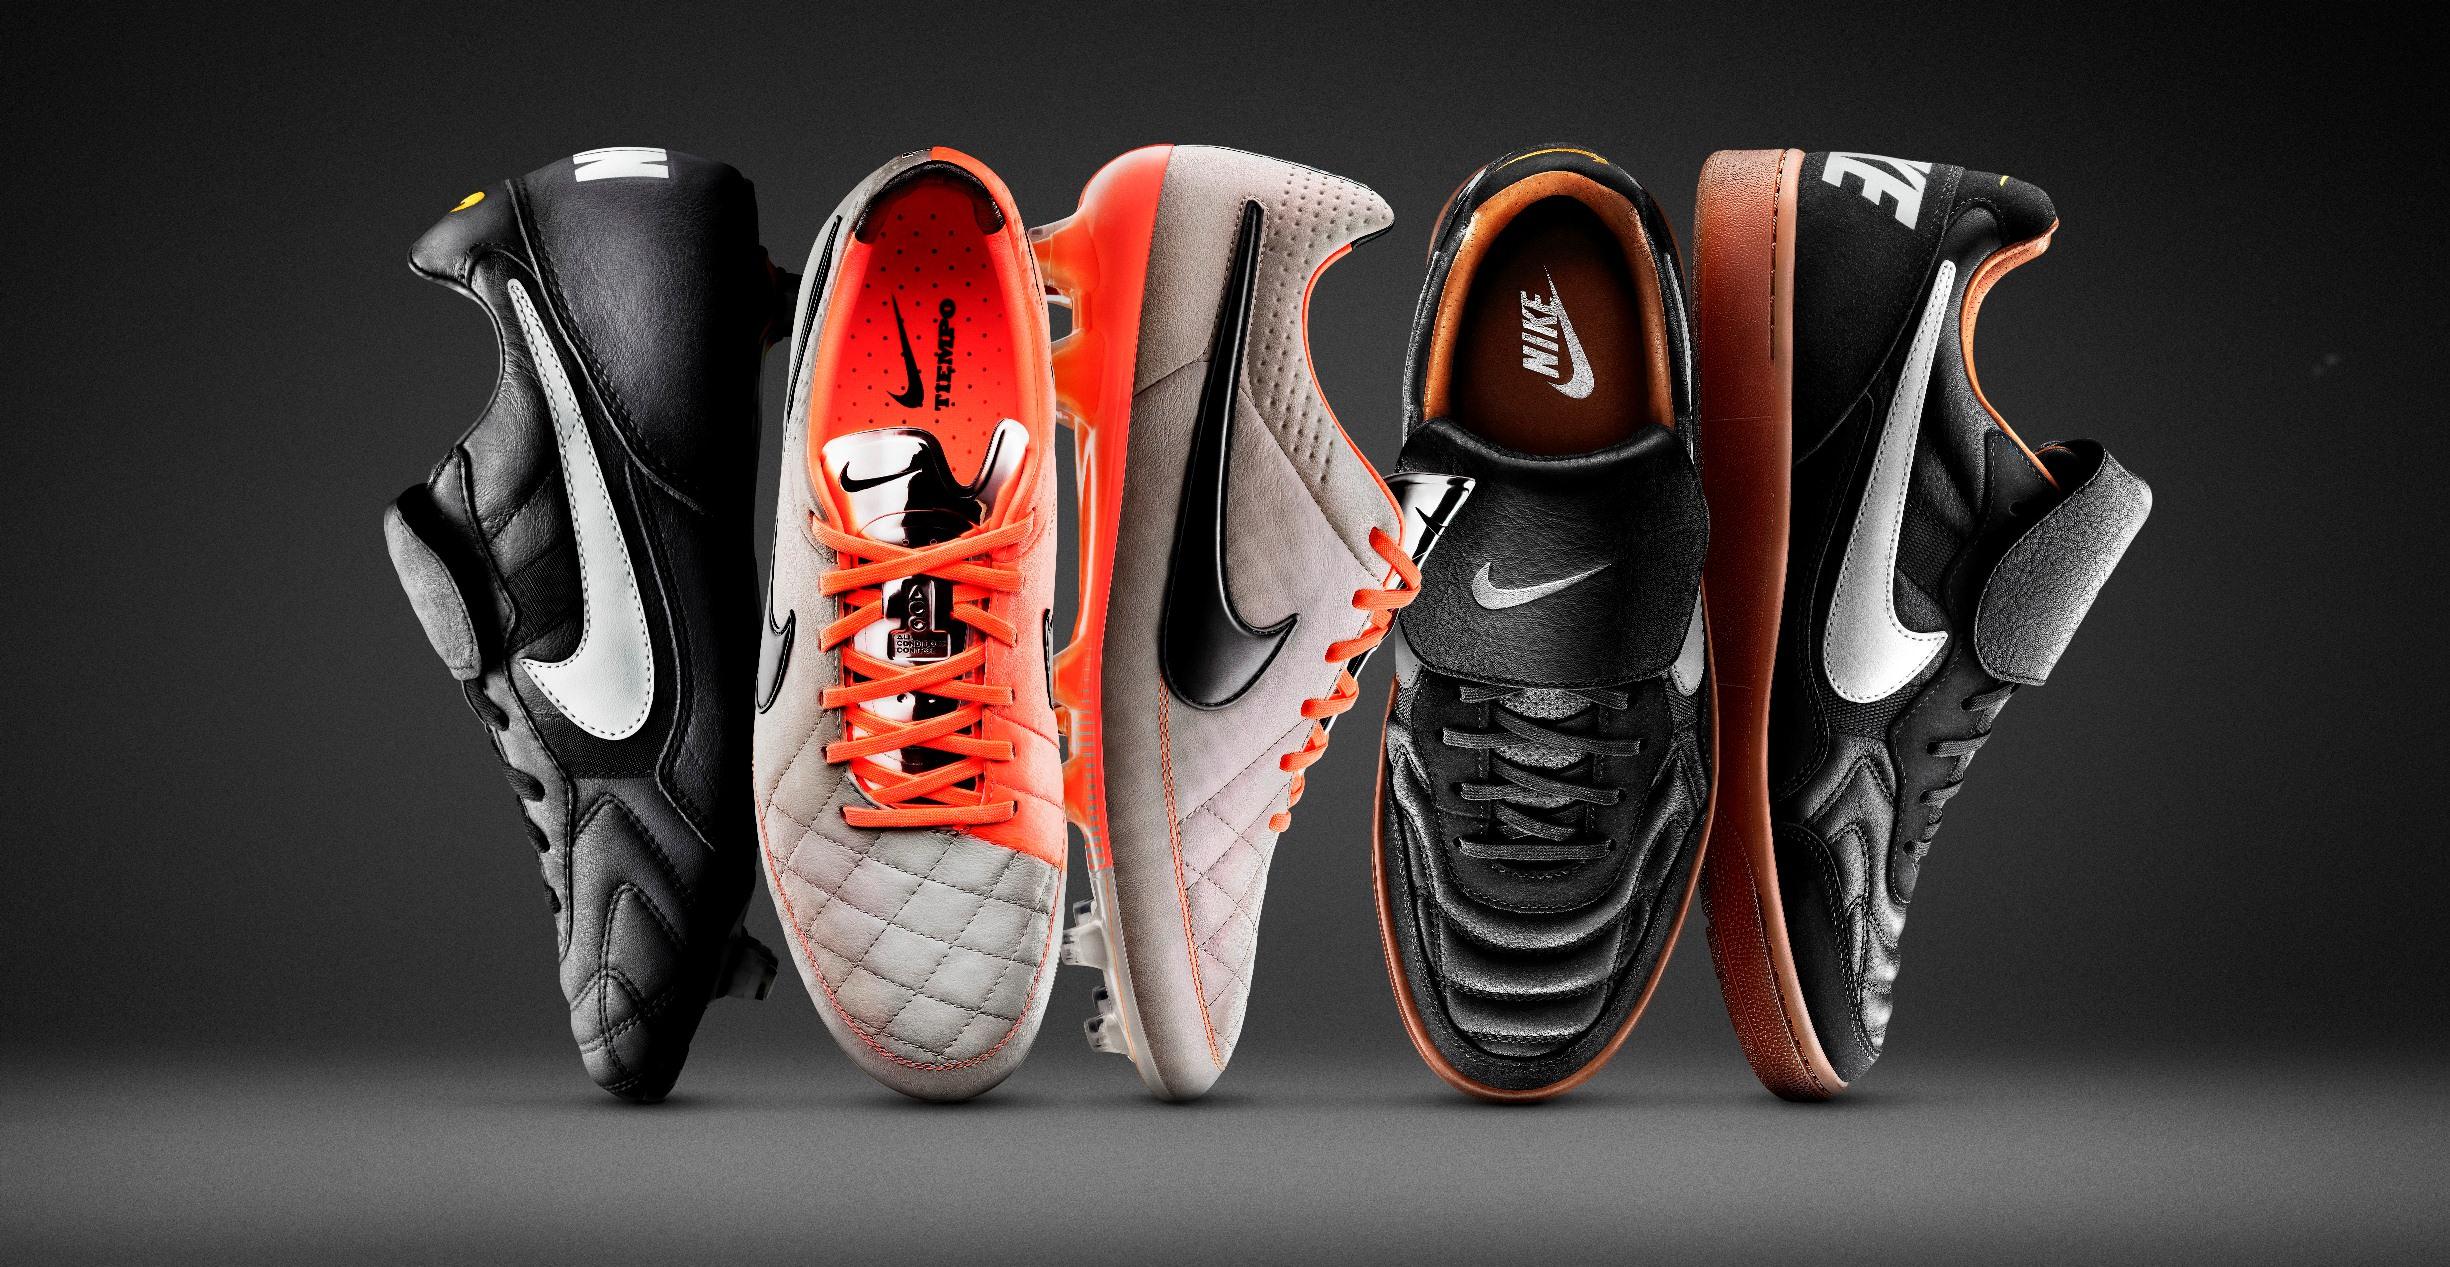 Nike Tiempo Premier 94 Boots